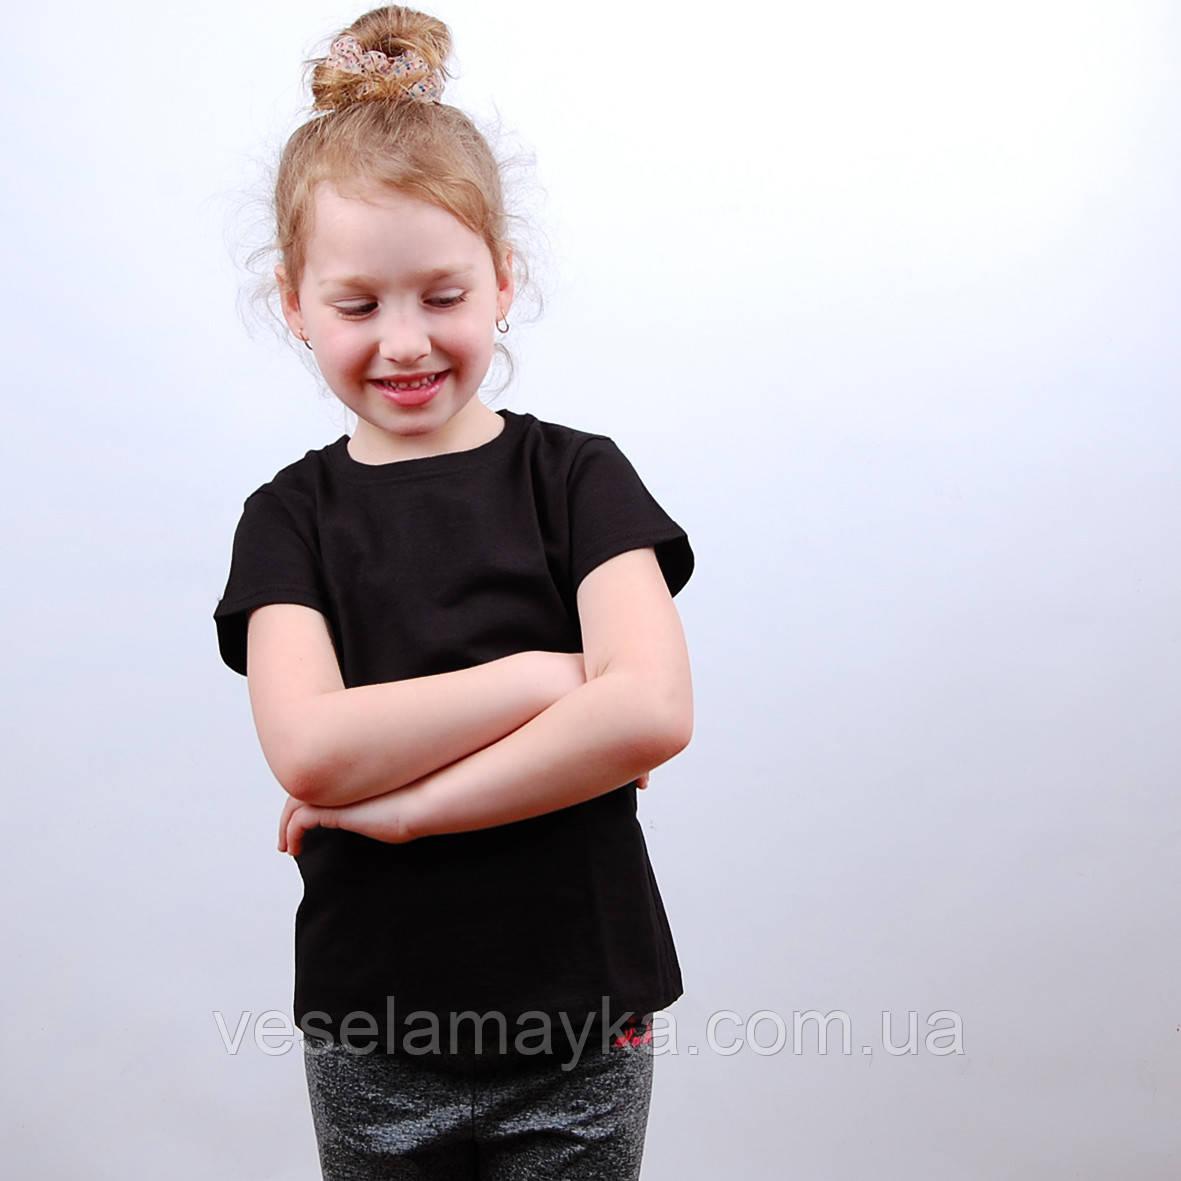 Черная футболка для девочек (Комфорт)